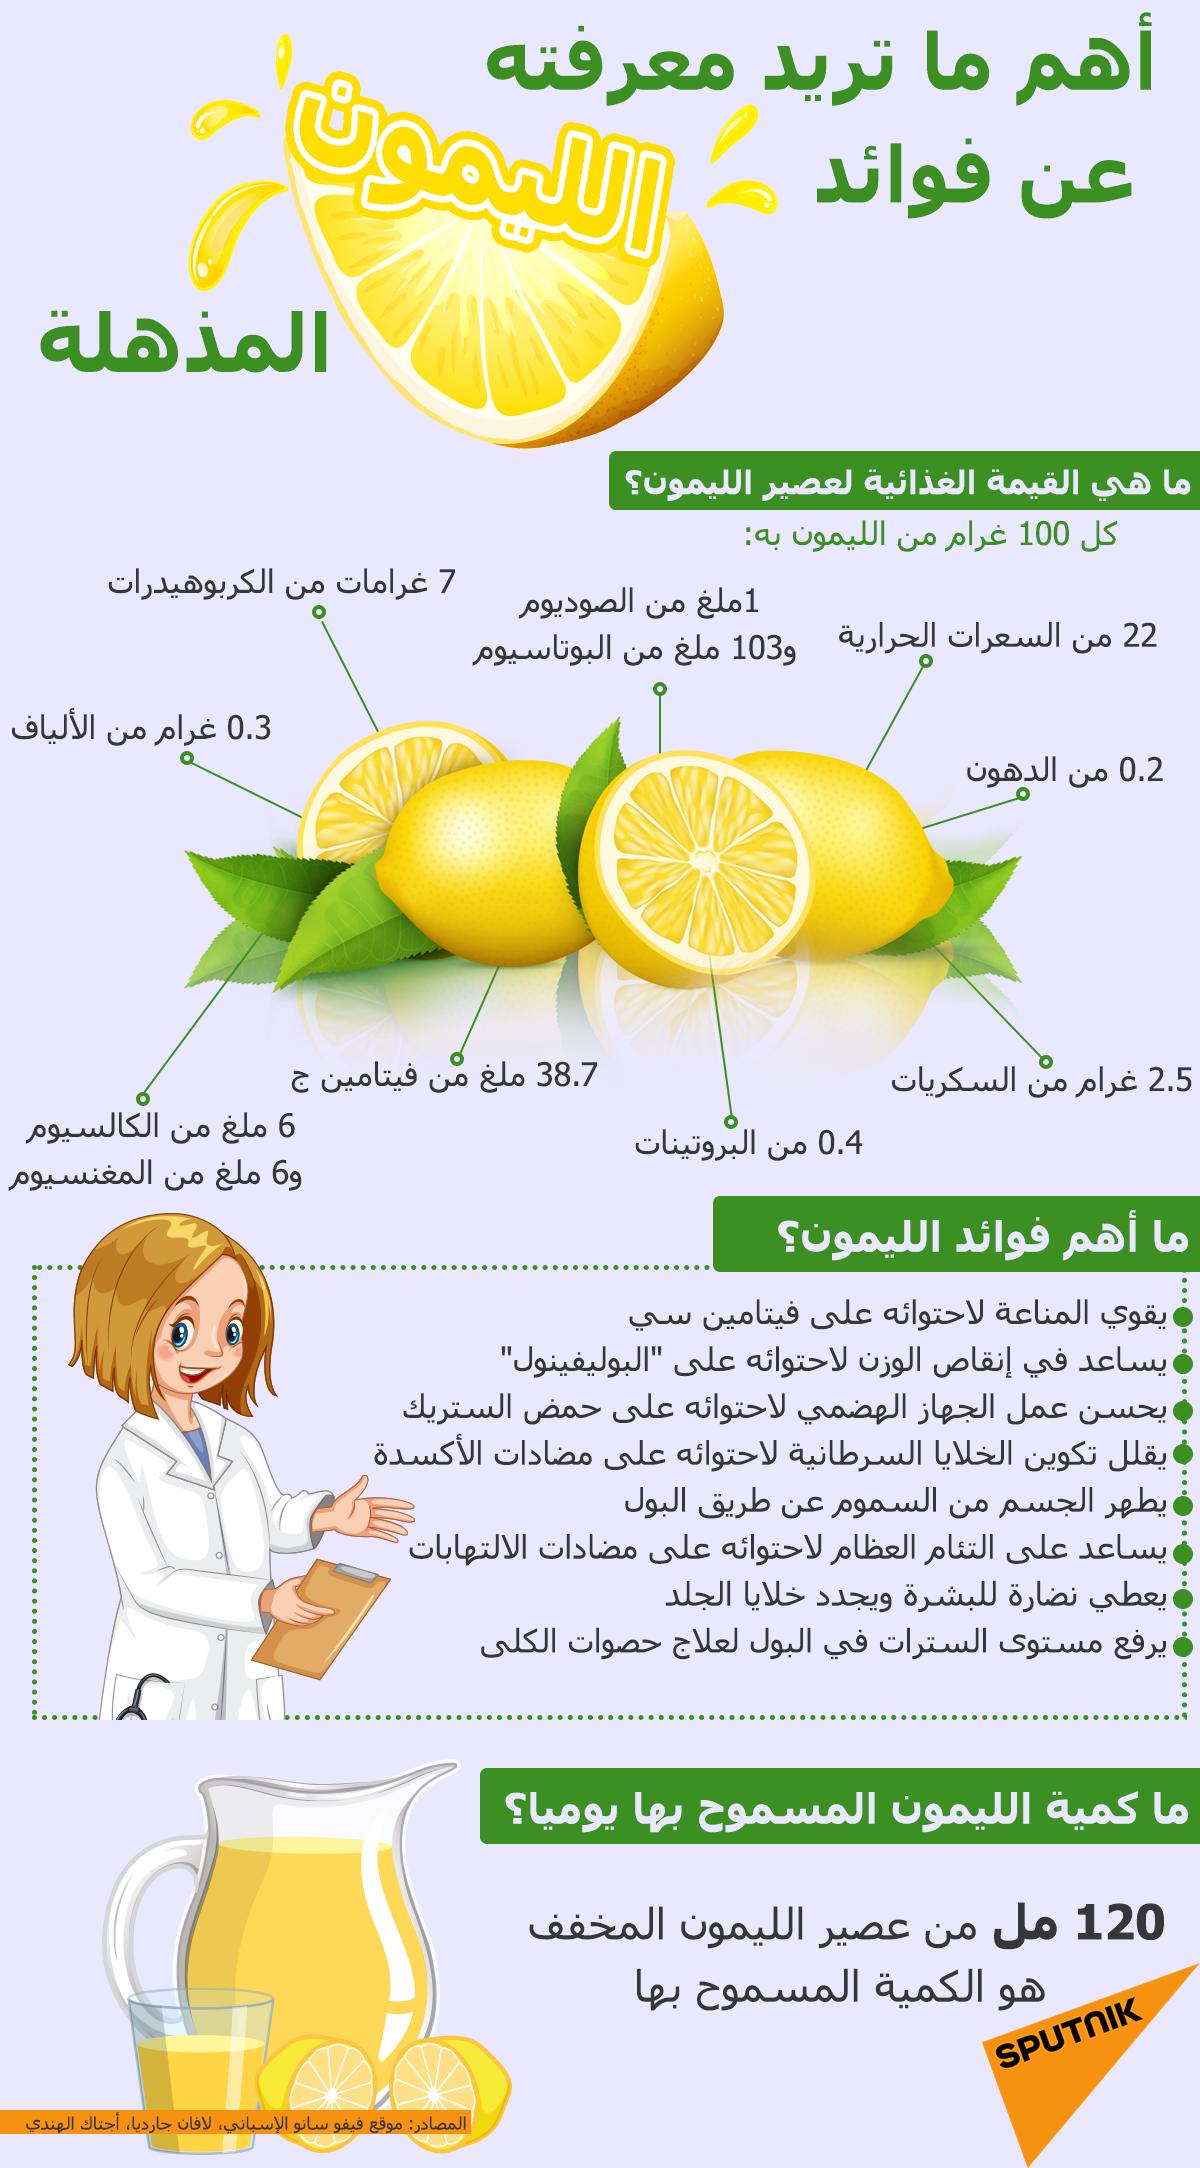 معلومات عن فوائد الليمون المذهلة